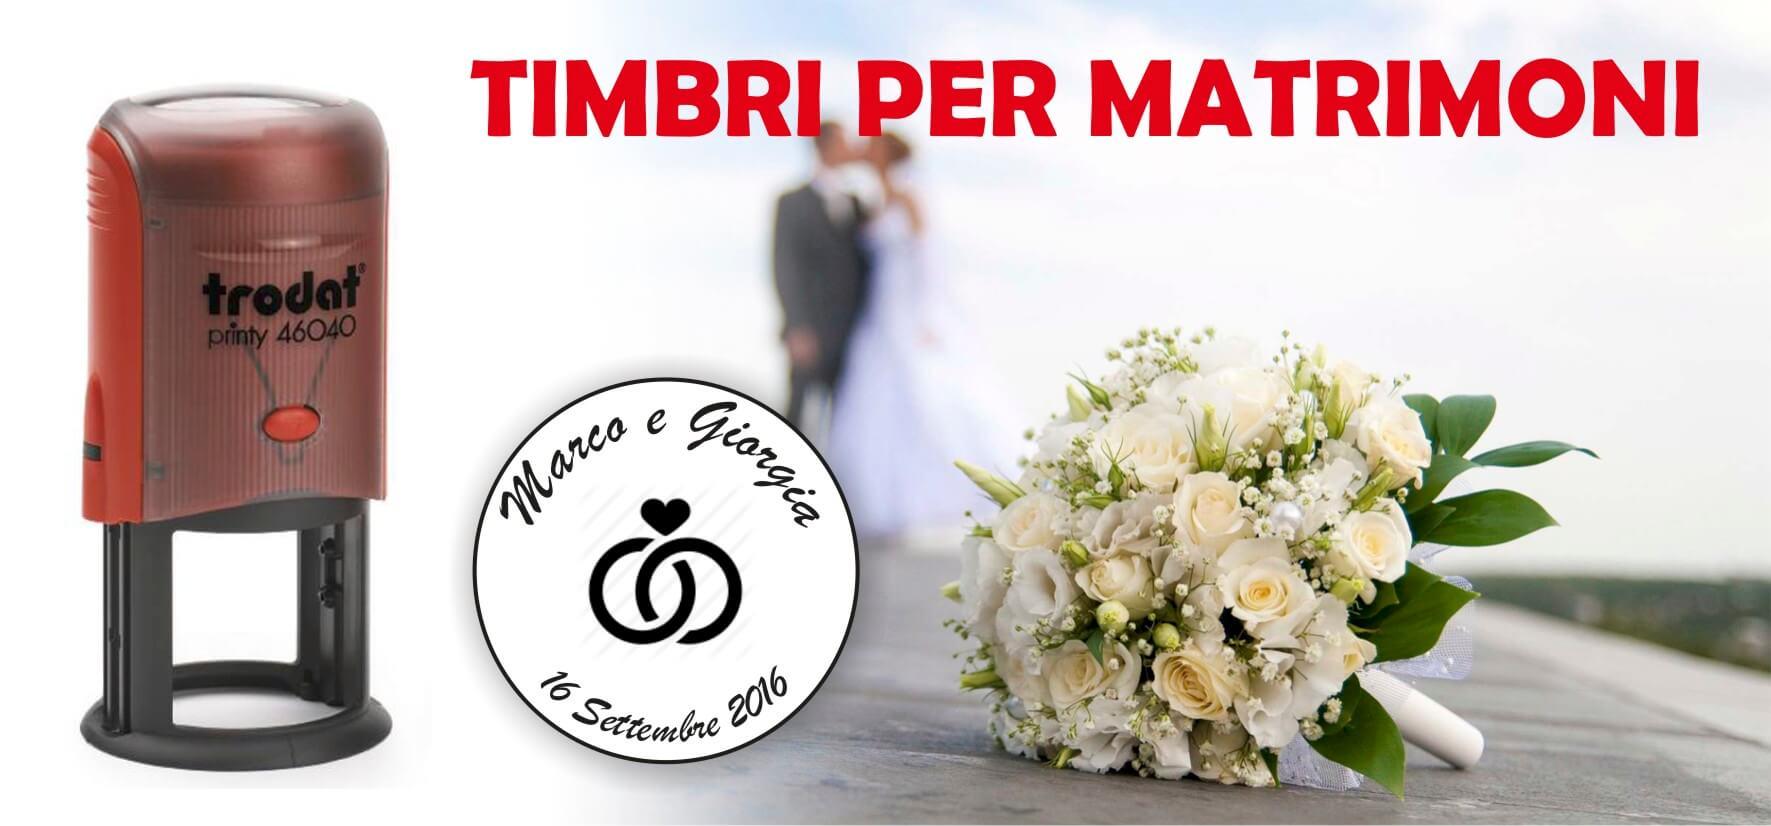 Timbri Personalizzati Per Stoffa timbri per matrimonio